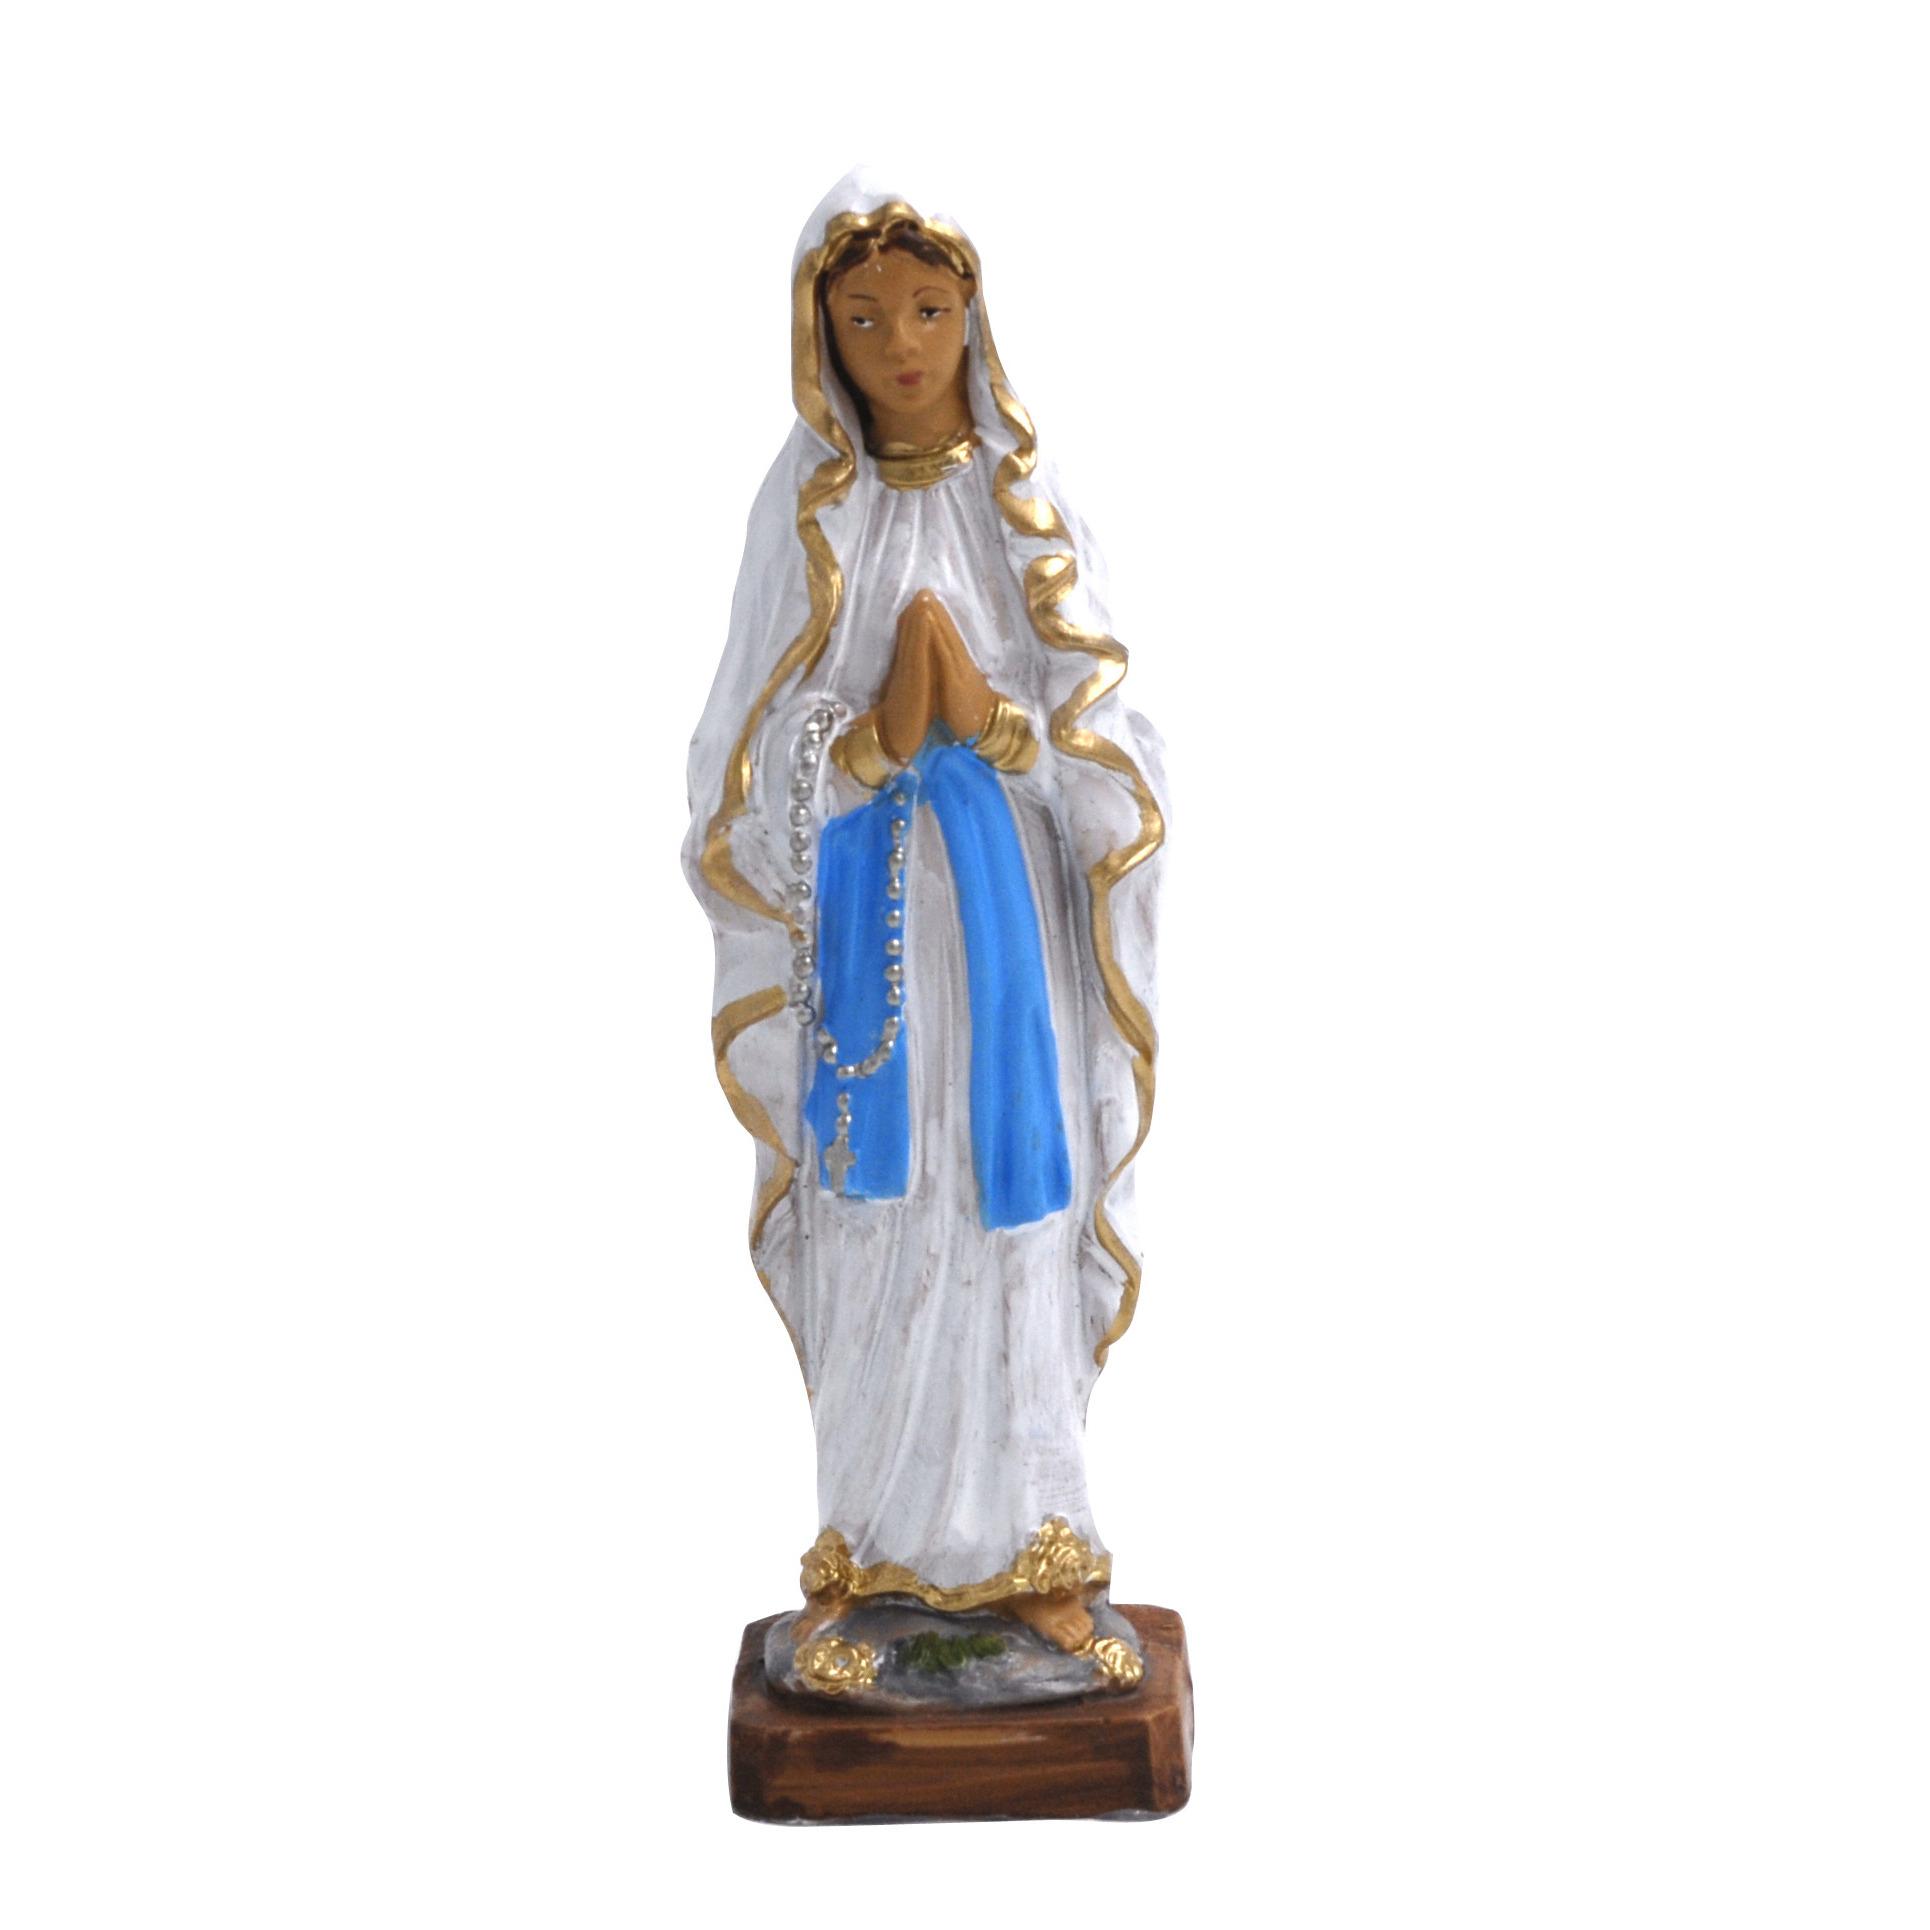 Biddende Maria beeldje 12 cm kerstbeelden